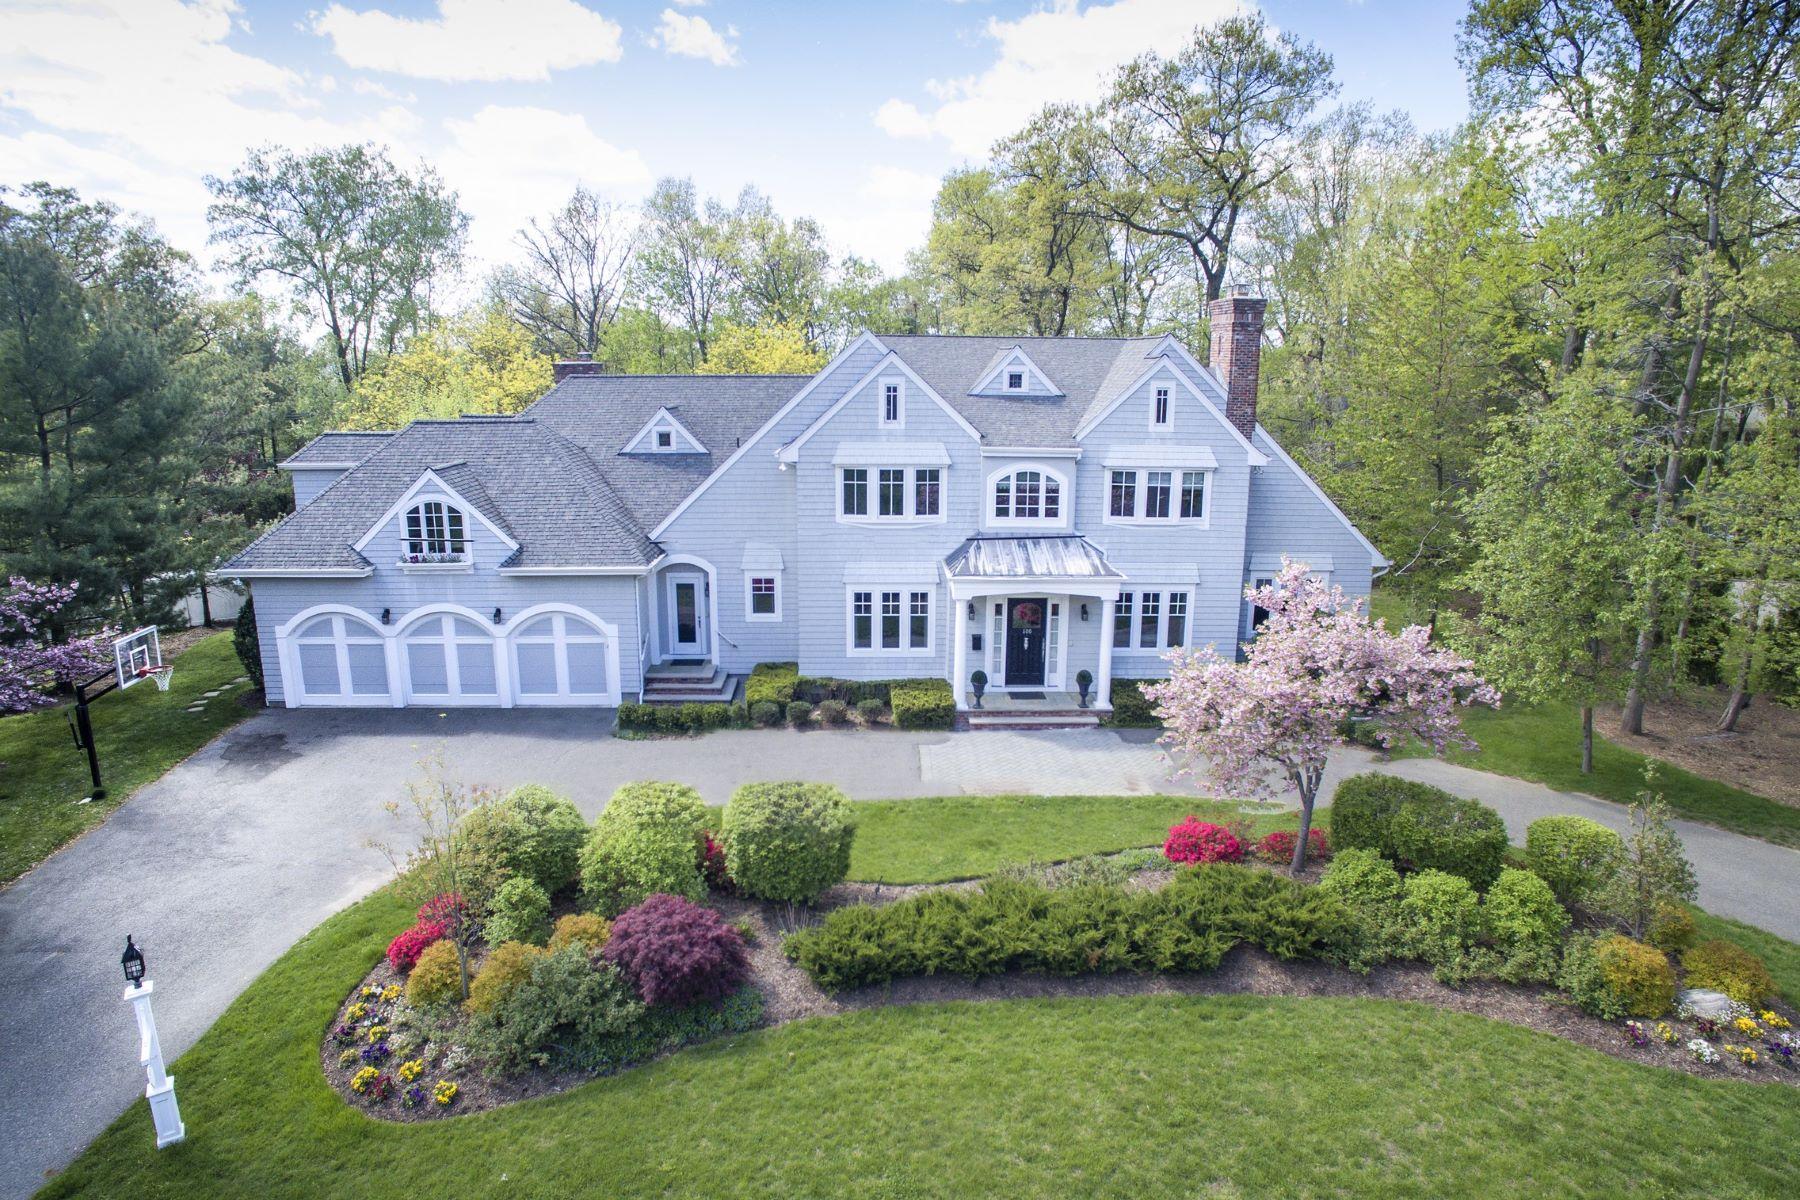 Maison unifamiliale pour l Vente à Hampton Style Estate 100 Devriese Court Tenafly, New Jersey 07670 États-Unis